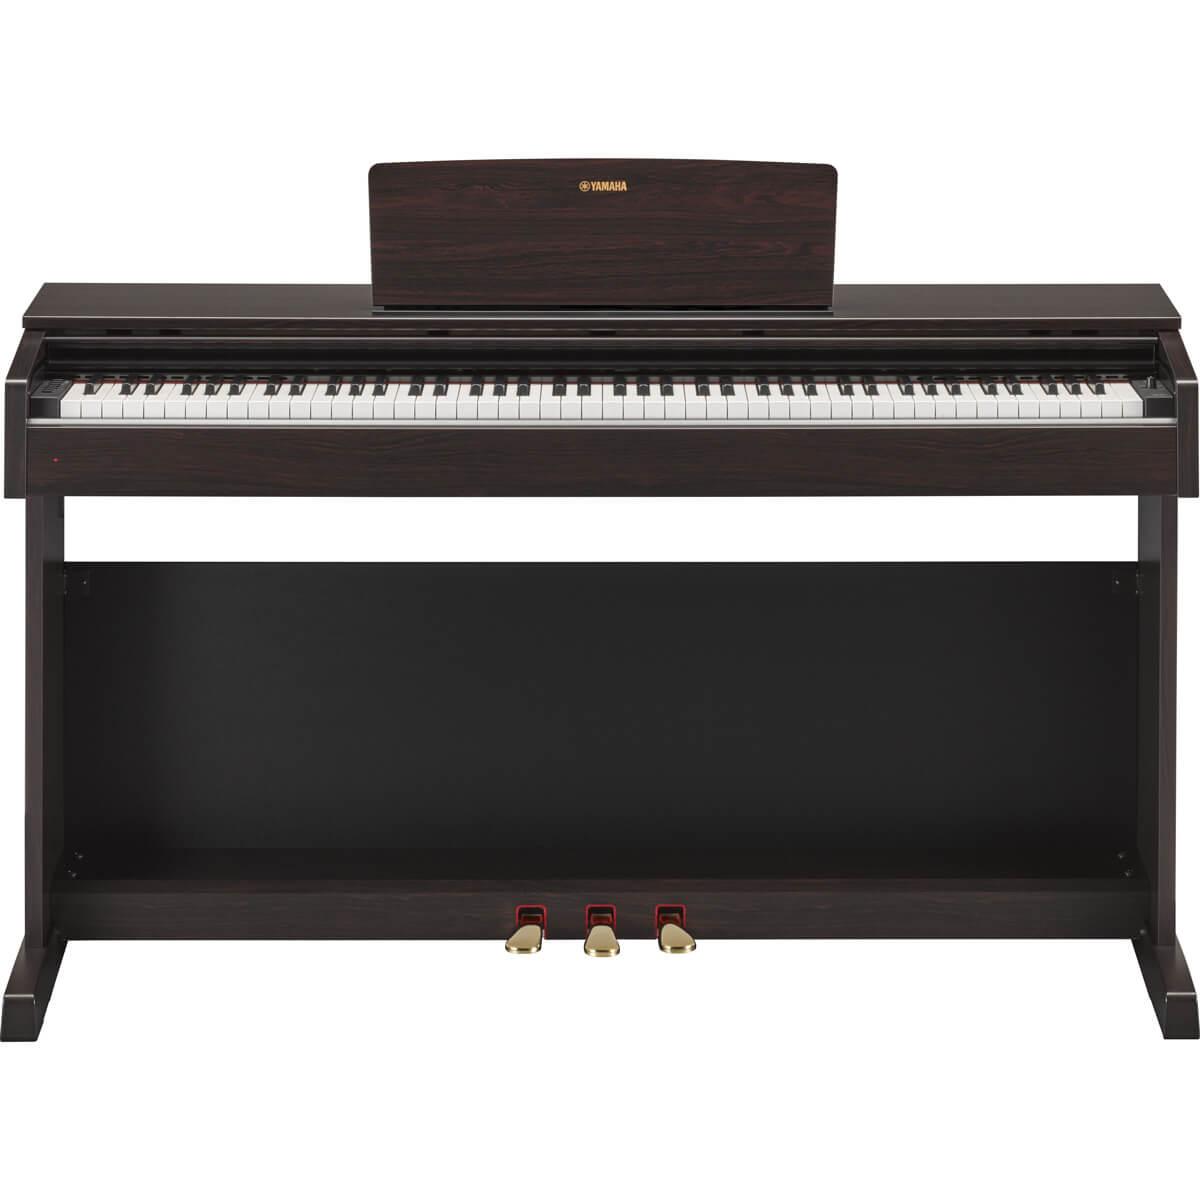 Yamaha YDP-143RArius el-klaver palisander